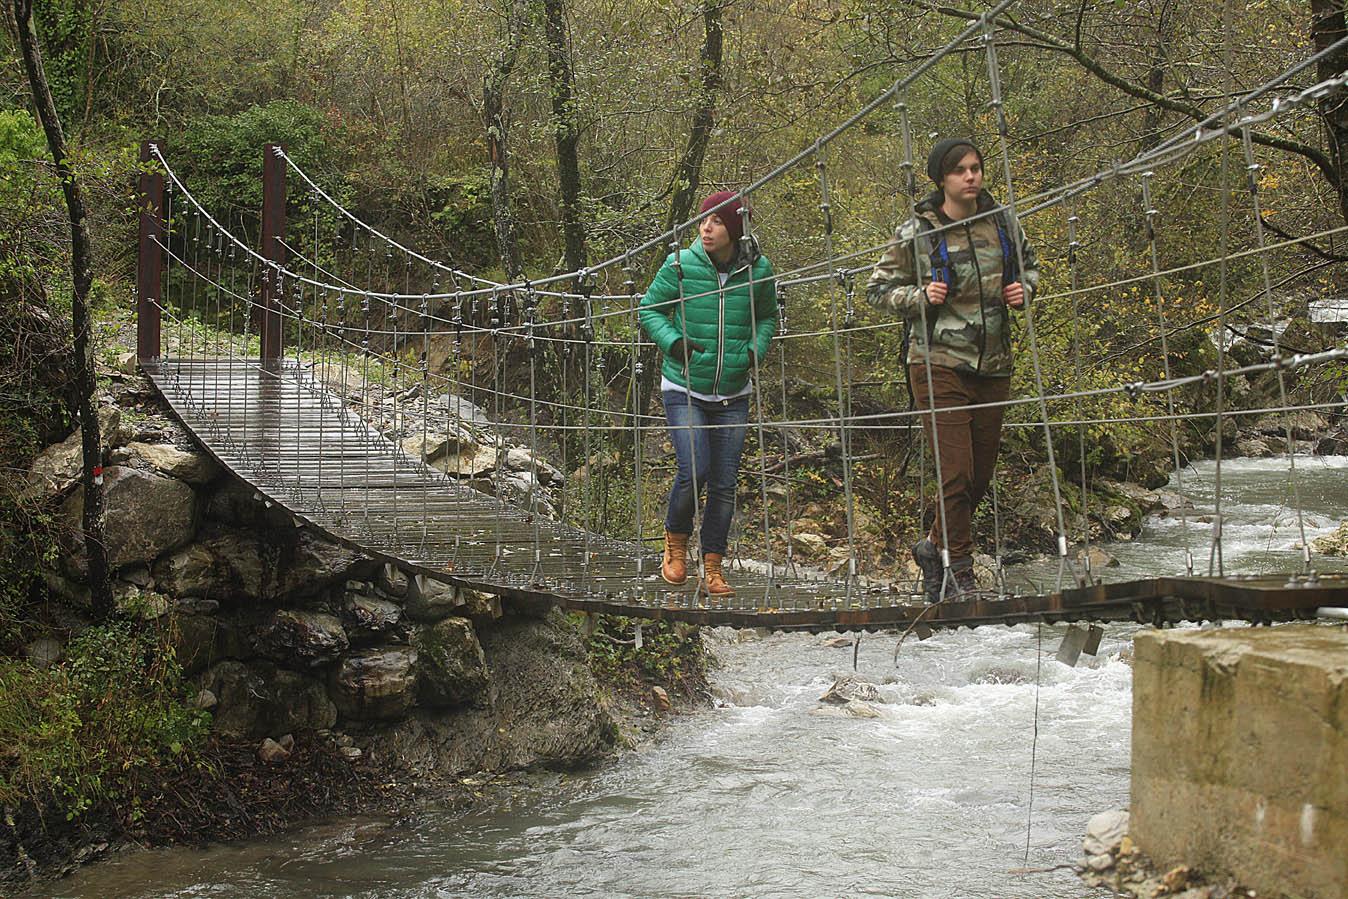 """Ponte """"tibetano"""" sulla via Francigena della lunigiana, foto di Enrico Caraciolo, all rights reserved"""